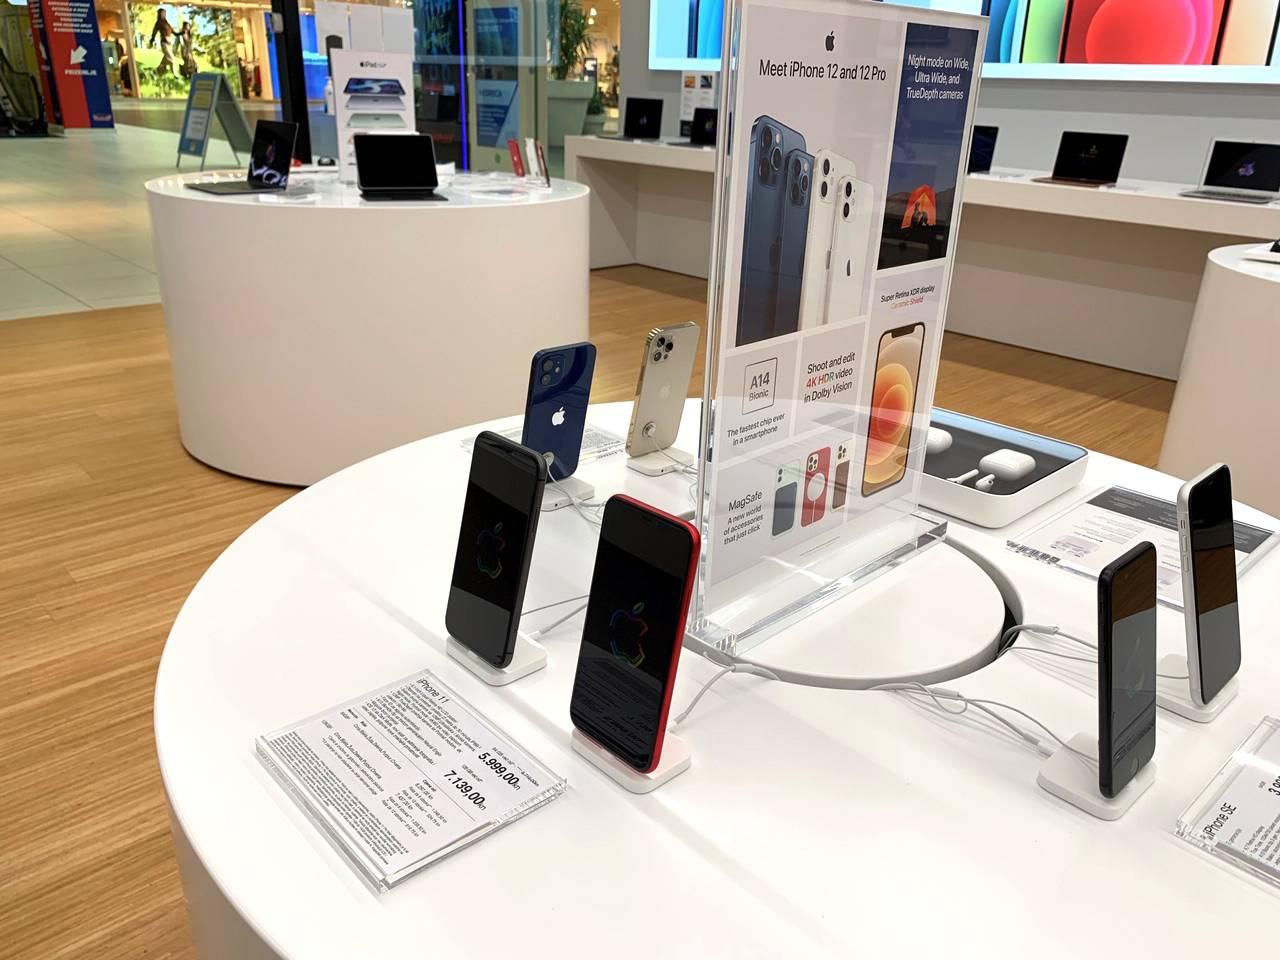 Dobrodošli u novu eru iPhonea: Apple iPhone 12, iPhone 12 Pro i iPad Air 4 od sada su dostupni